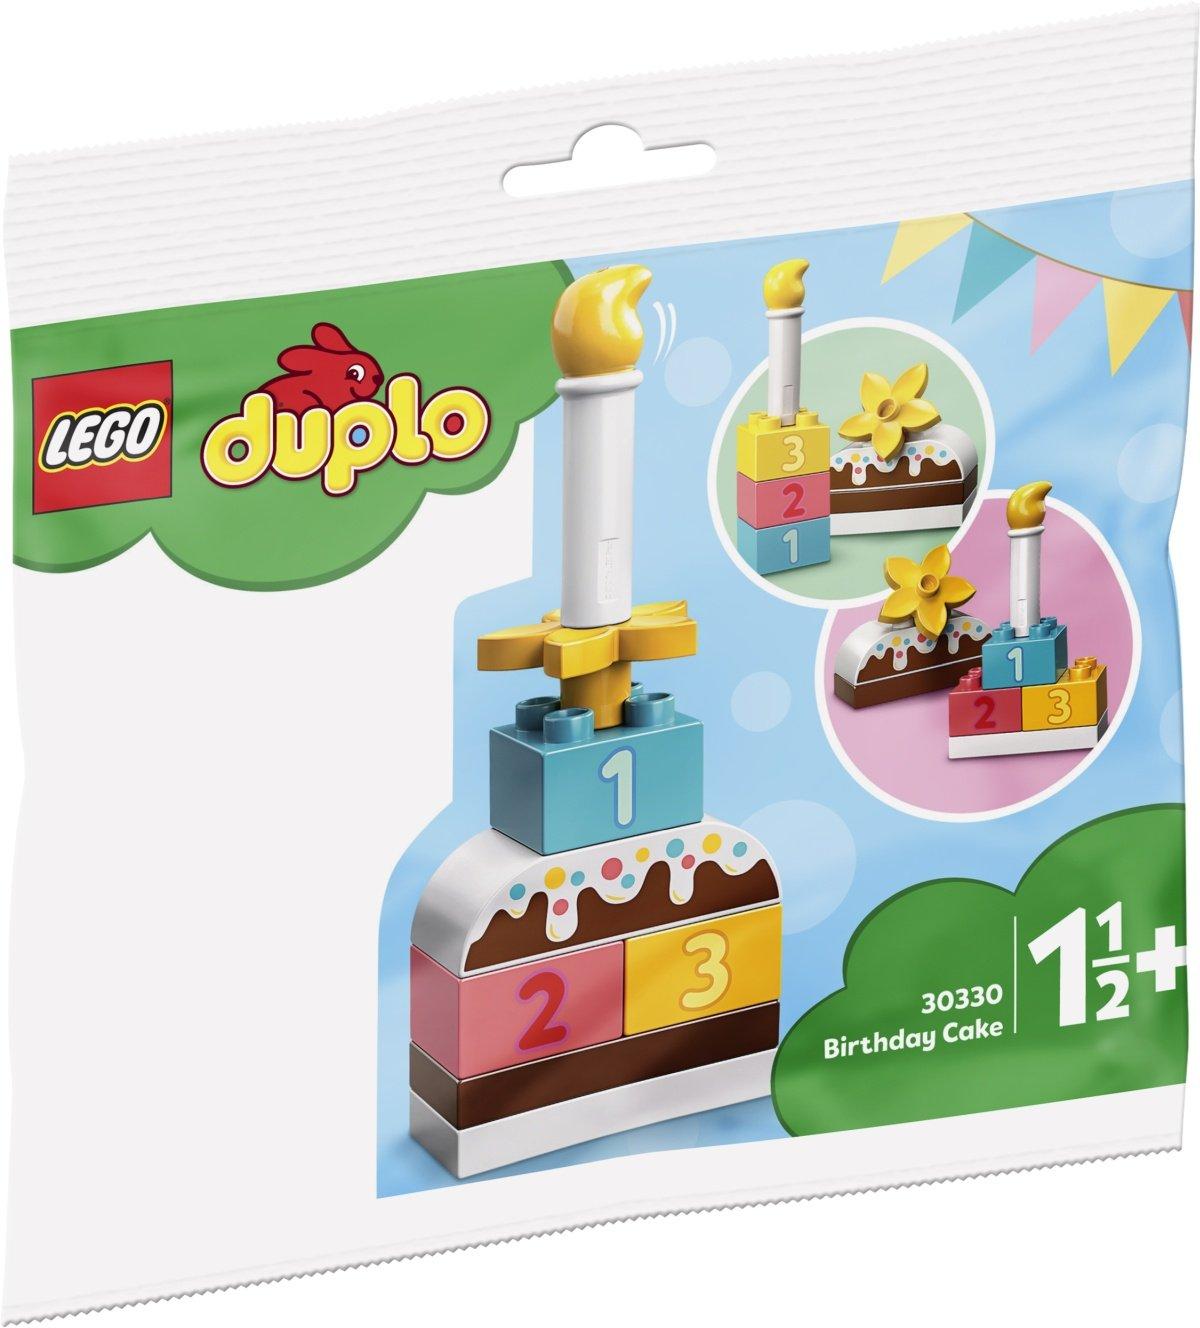 lego-polybag-duplo-30330-0001